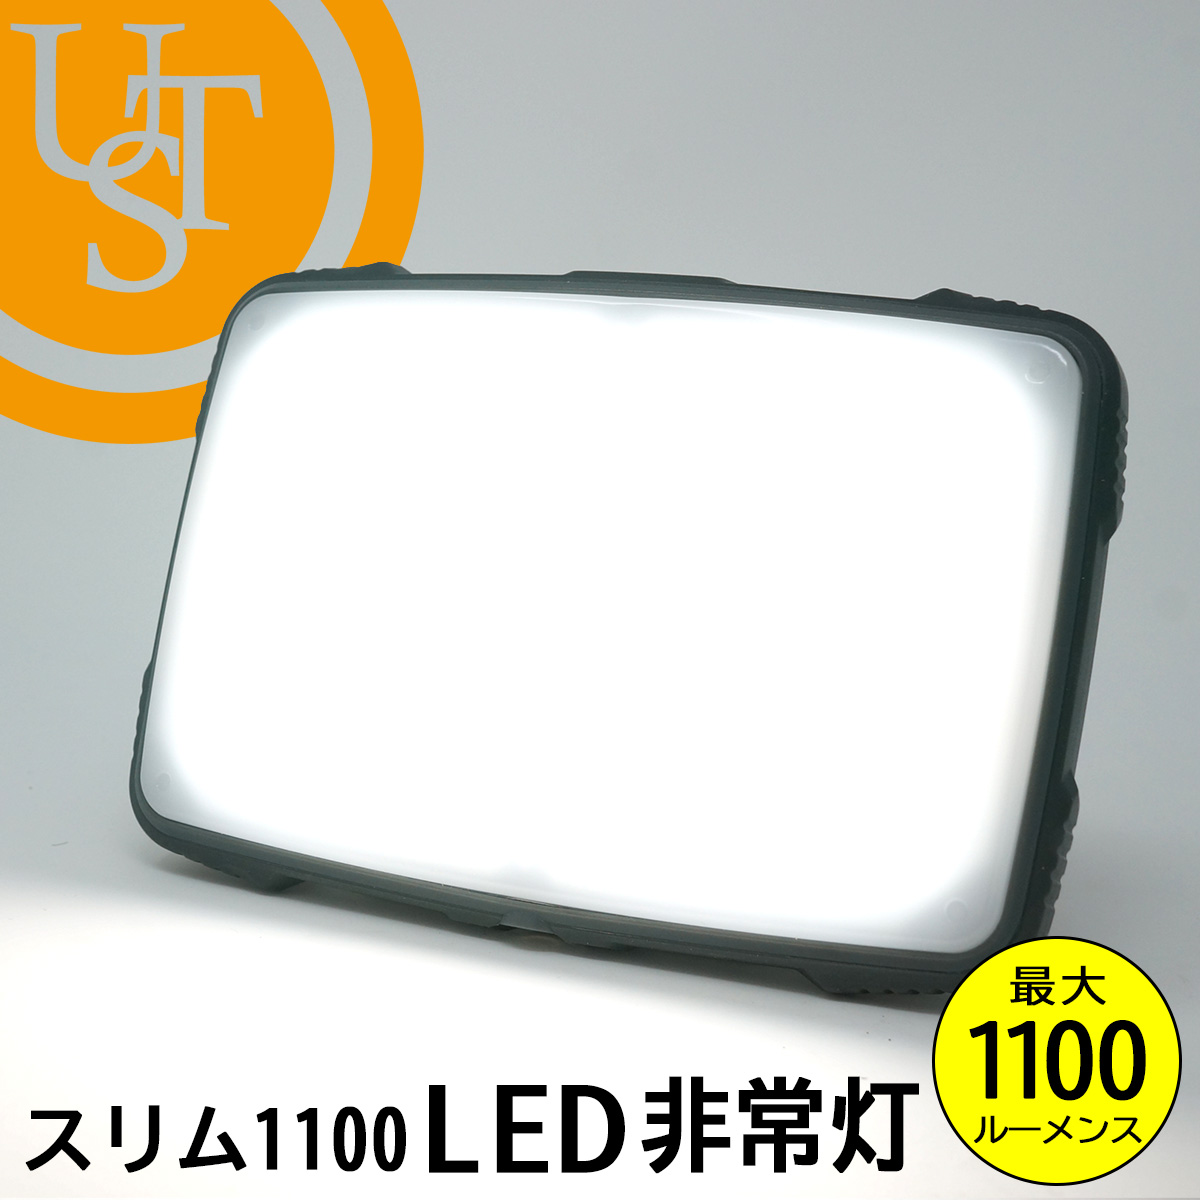 【GW中ポイント5倍】 UST 充電式 LEDエマージェンシーライト 1100ルーメン